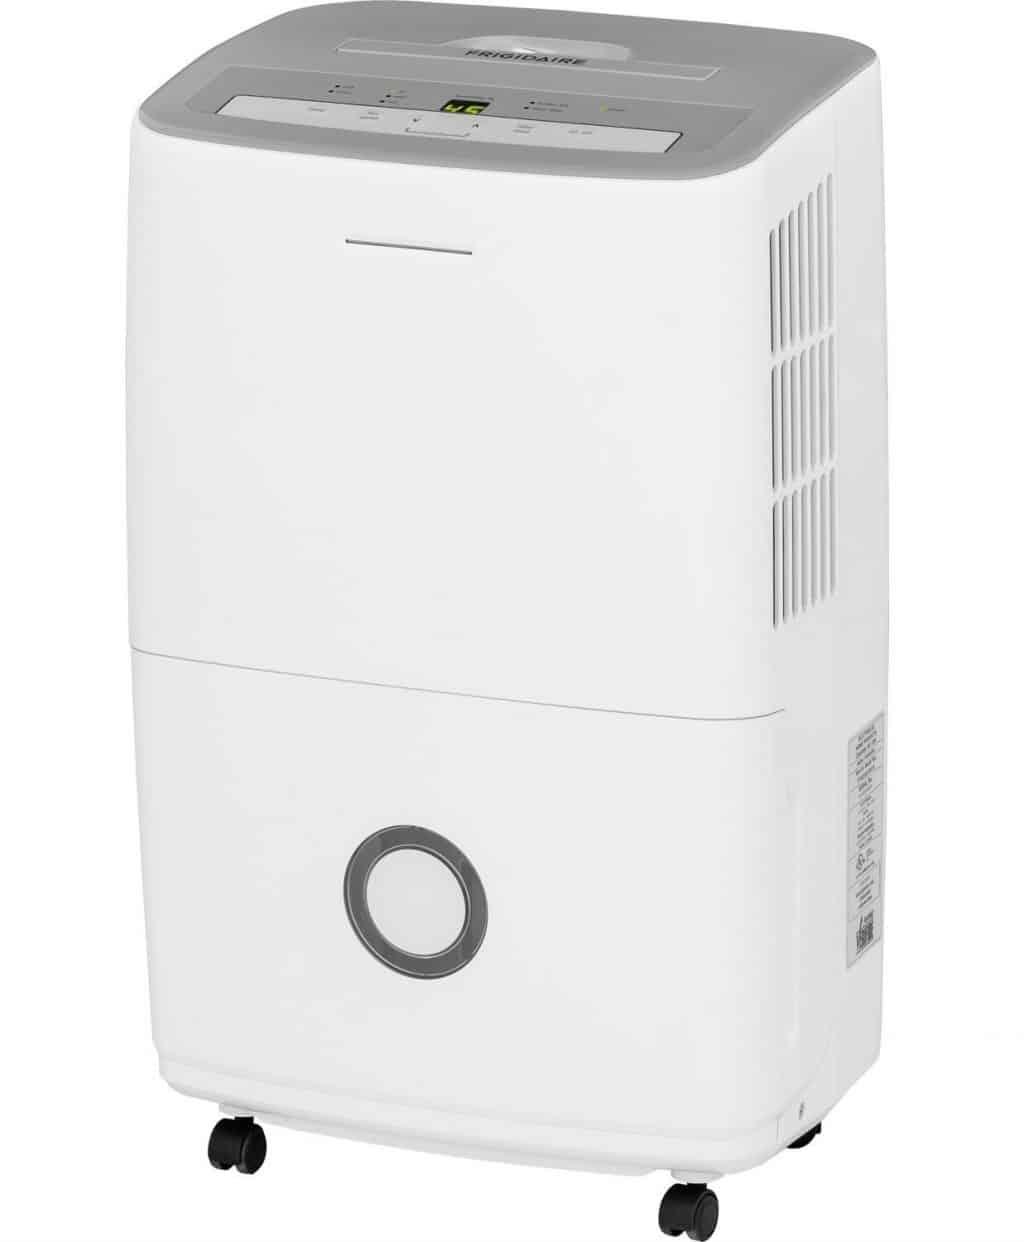 Frigidaire FFAD7033R1 Energy Star Dehumidifier